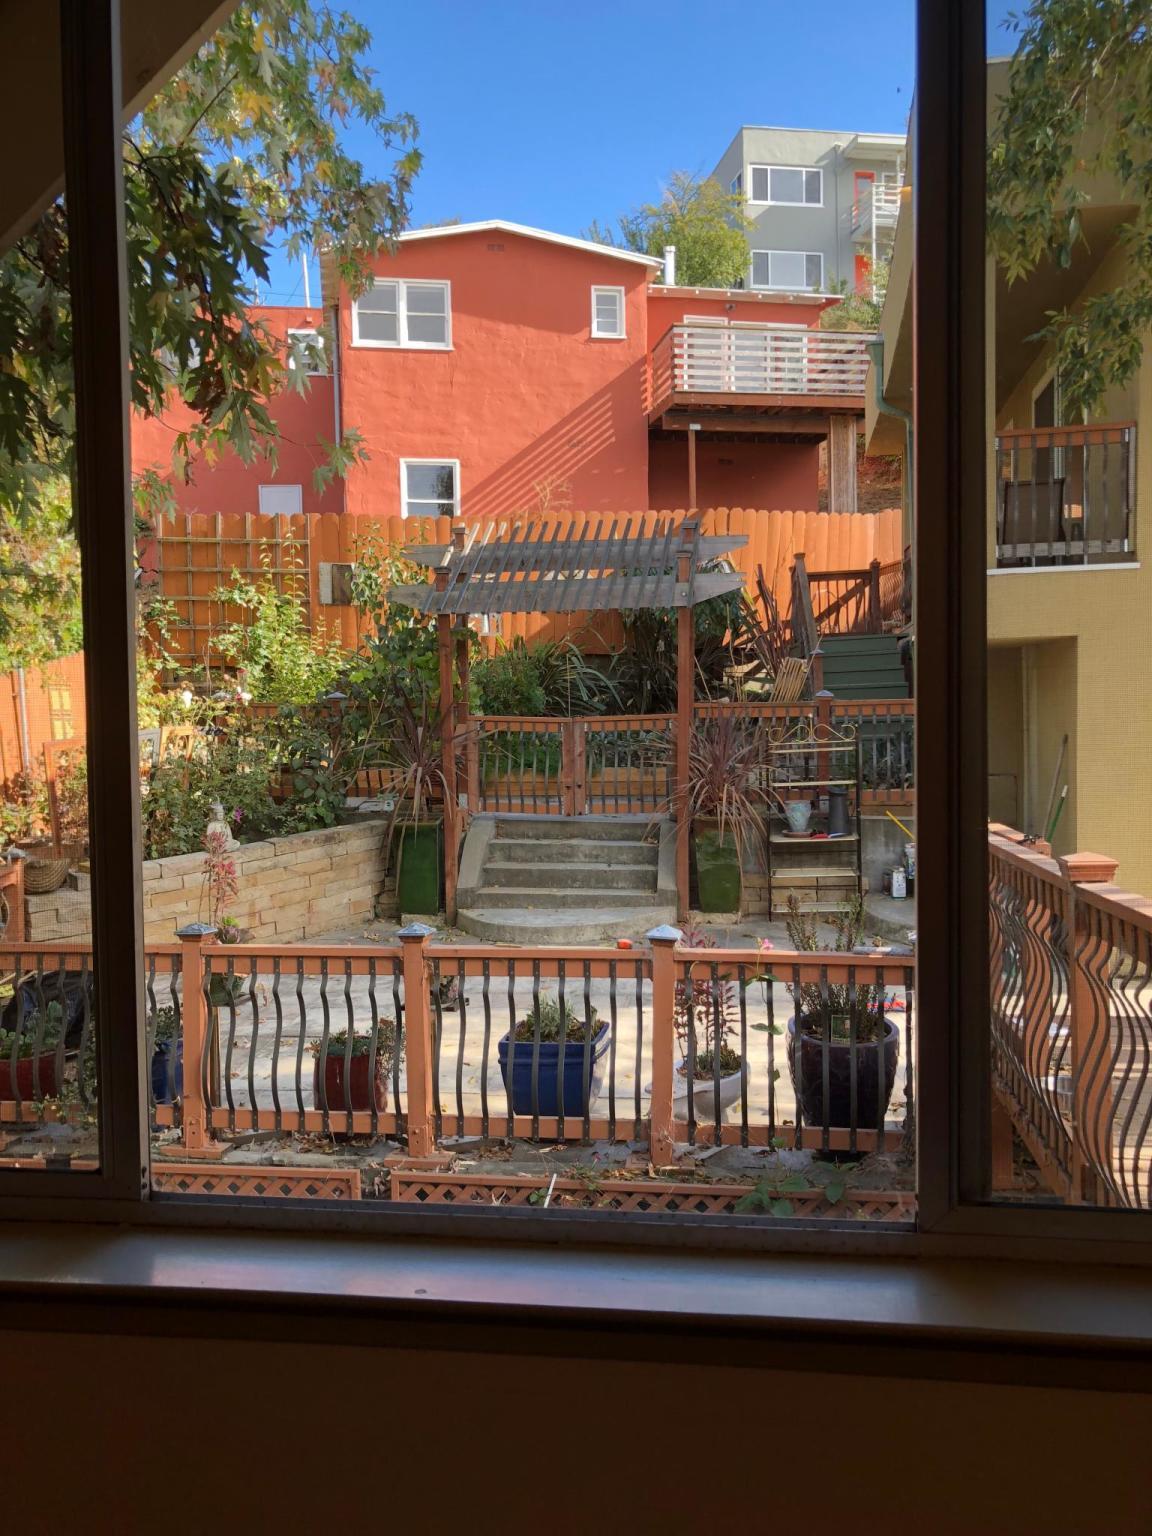 539 Crofton Ave #B, Oakland, CA 94610 For Rent | Trulia